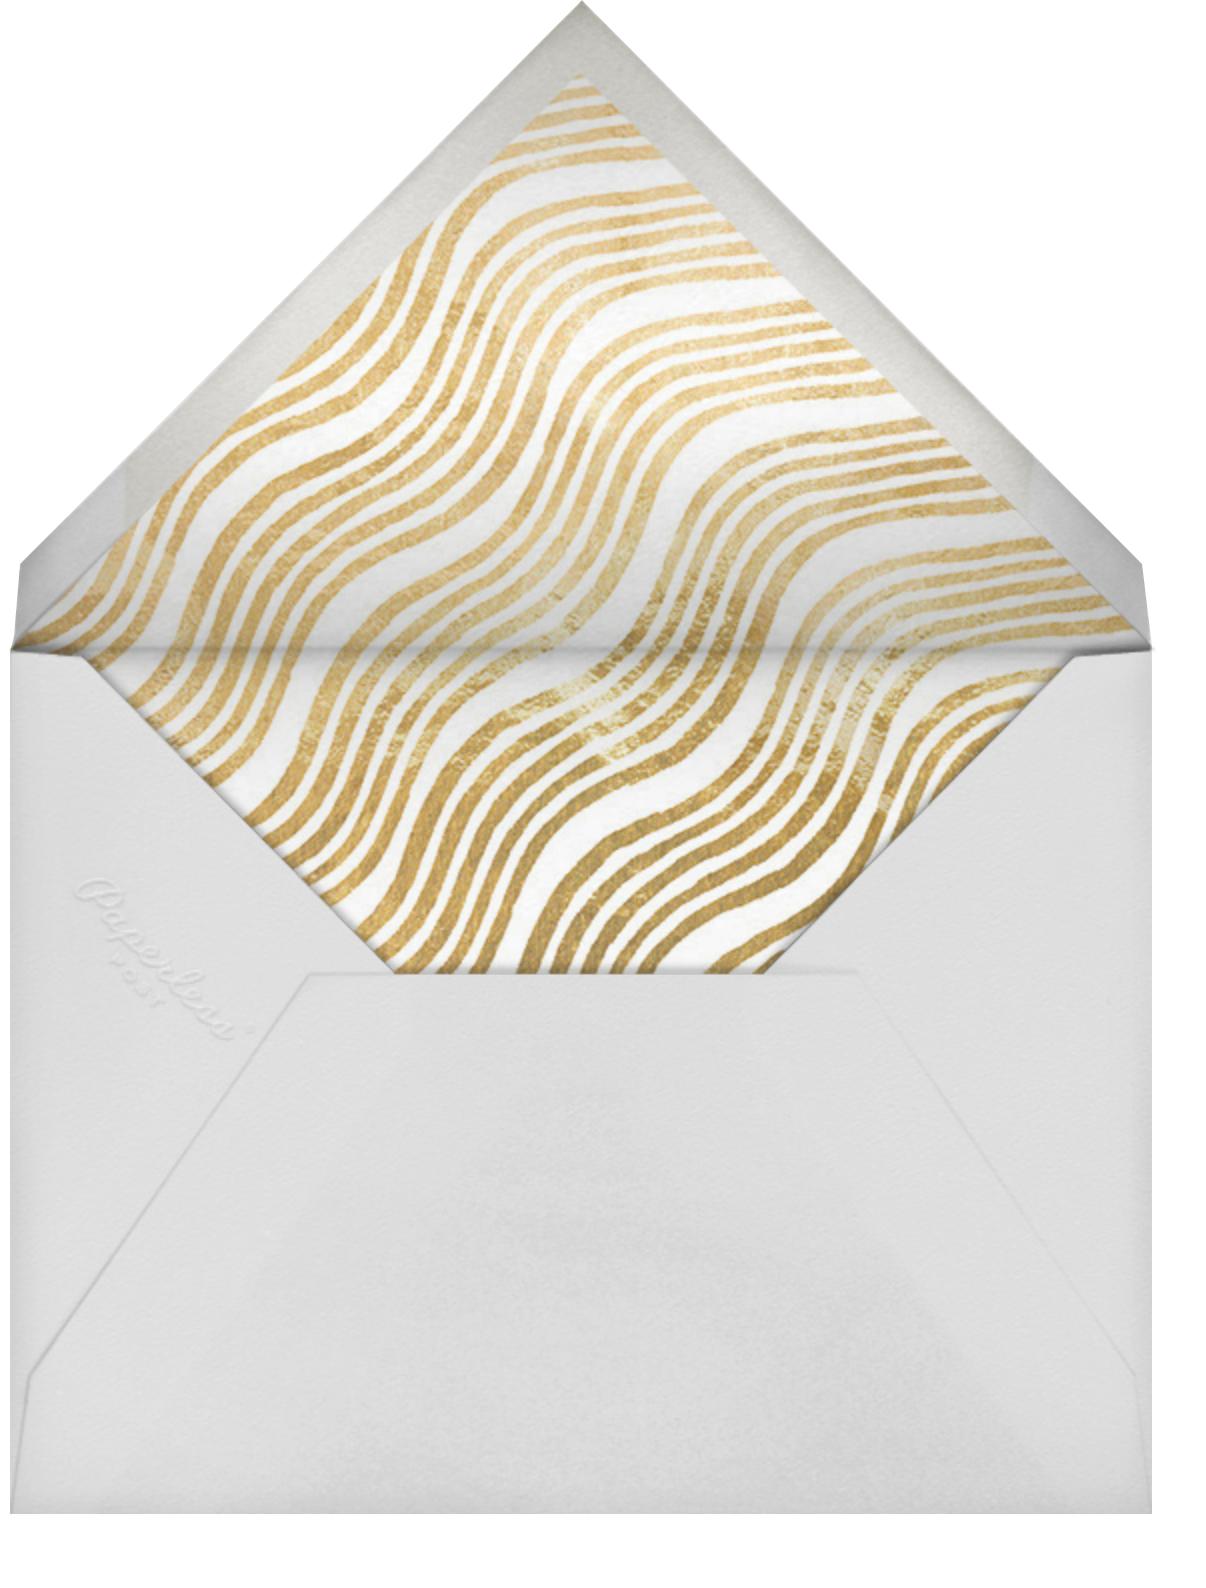 Whisp - Kelly Wearstler - General entertaining - envelope back